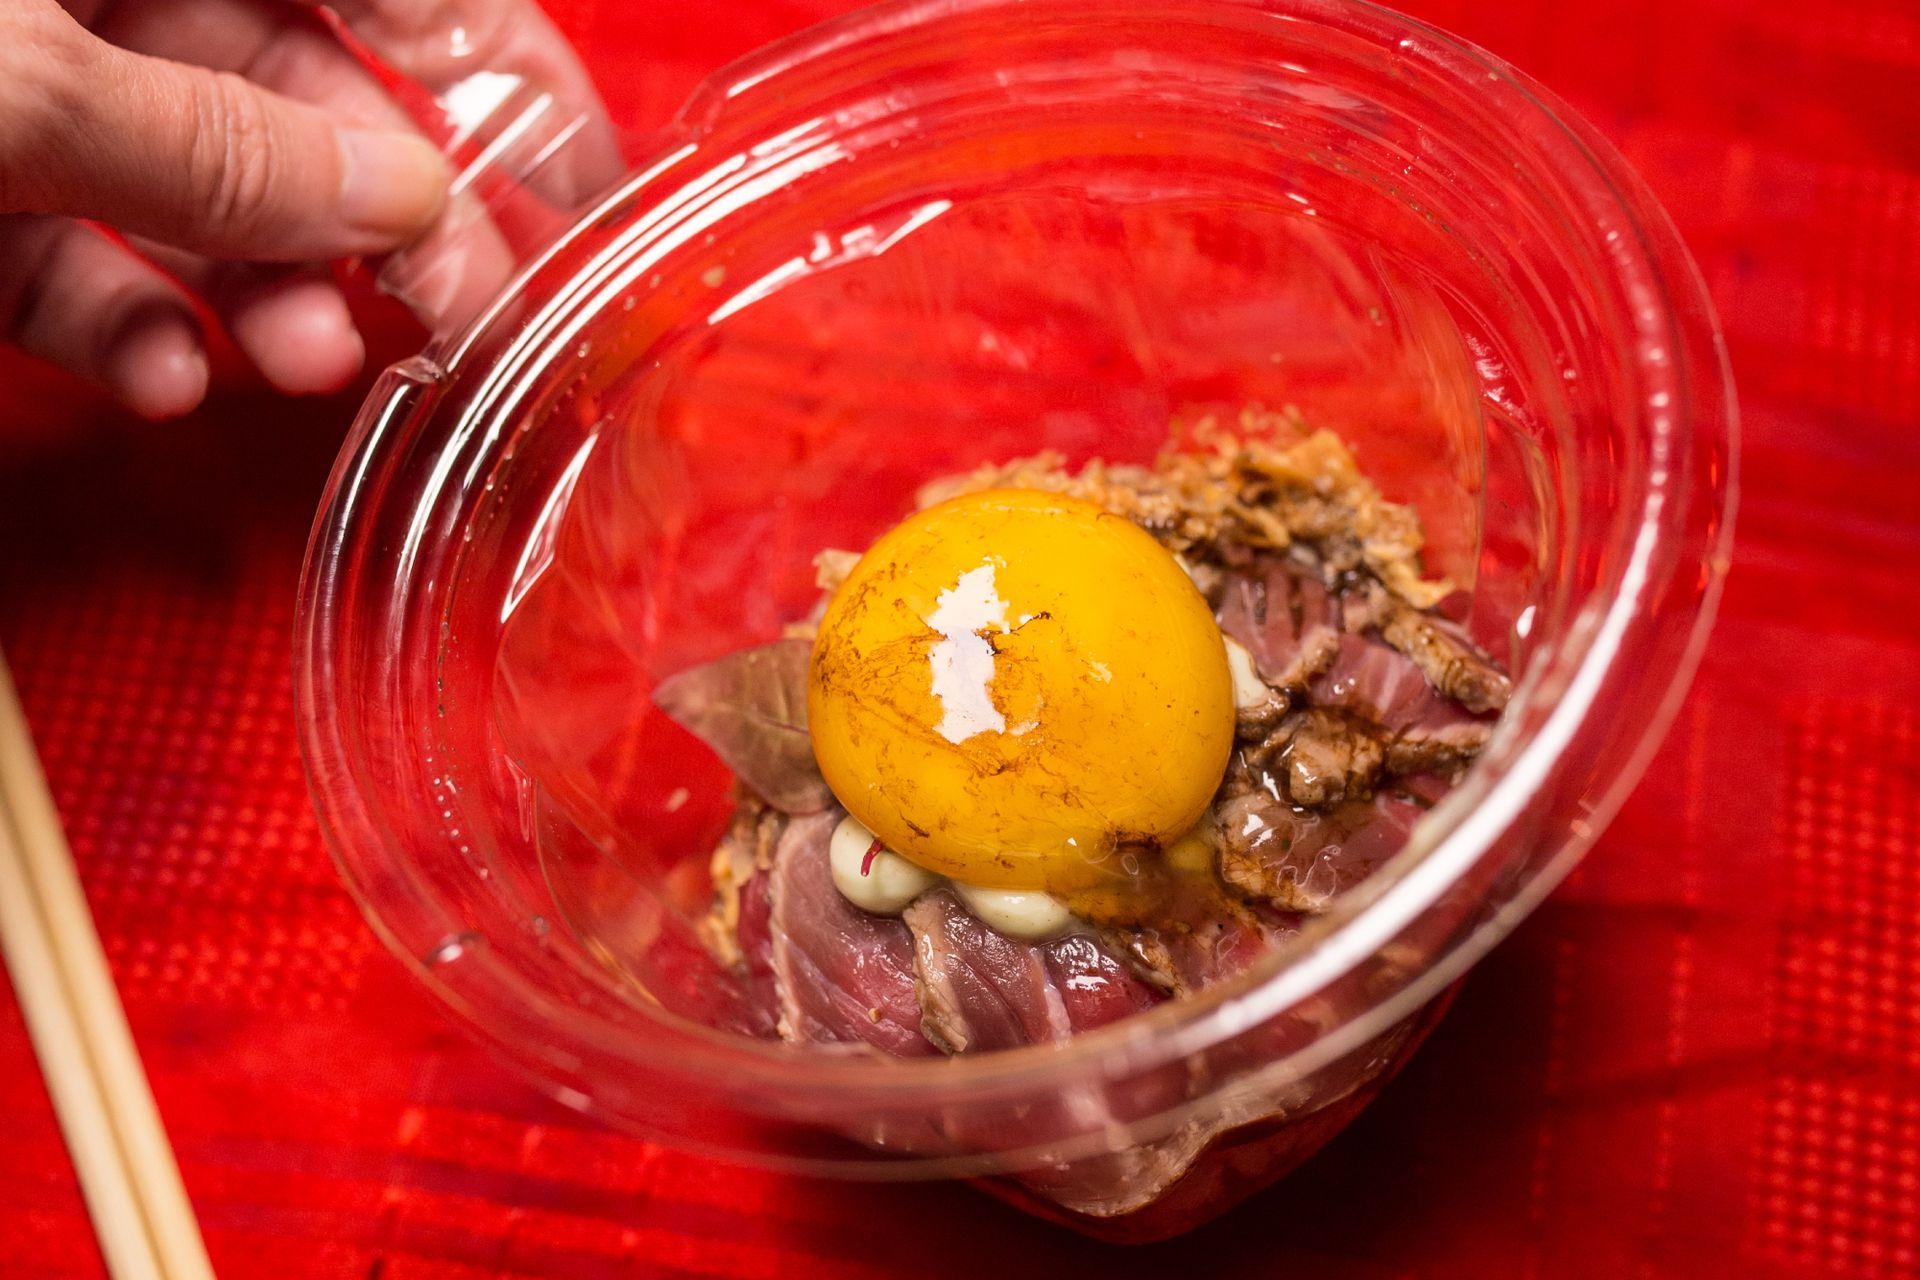 El menú de Niño Gordo contempla comidas listas y envasadas al vacío.